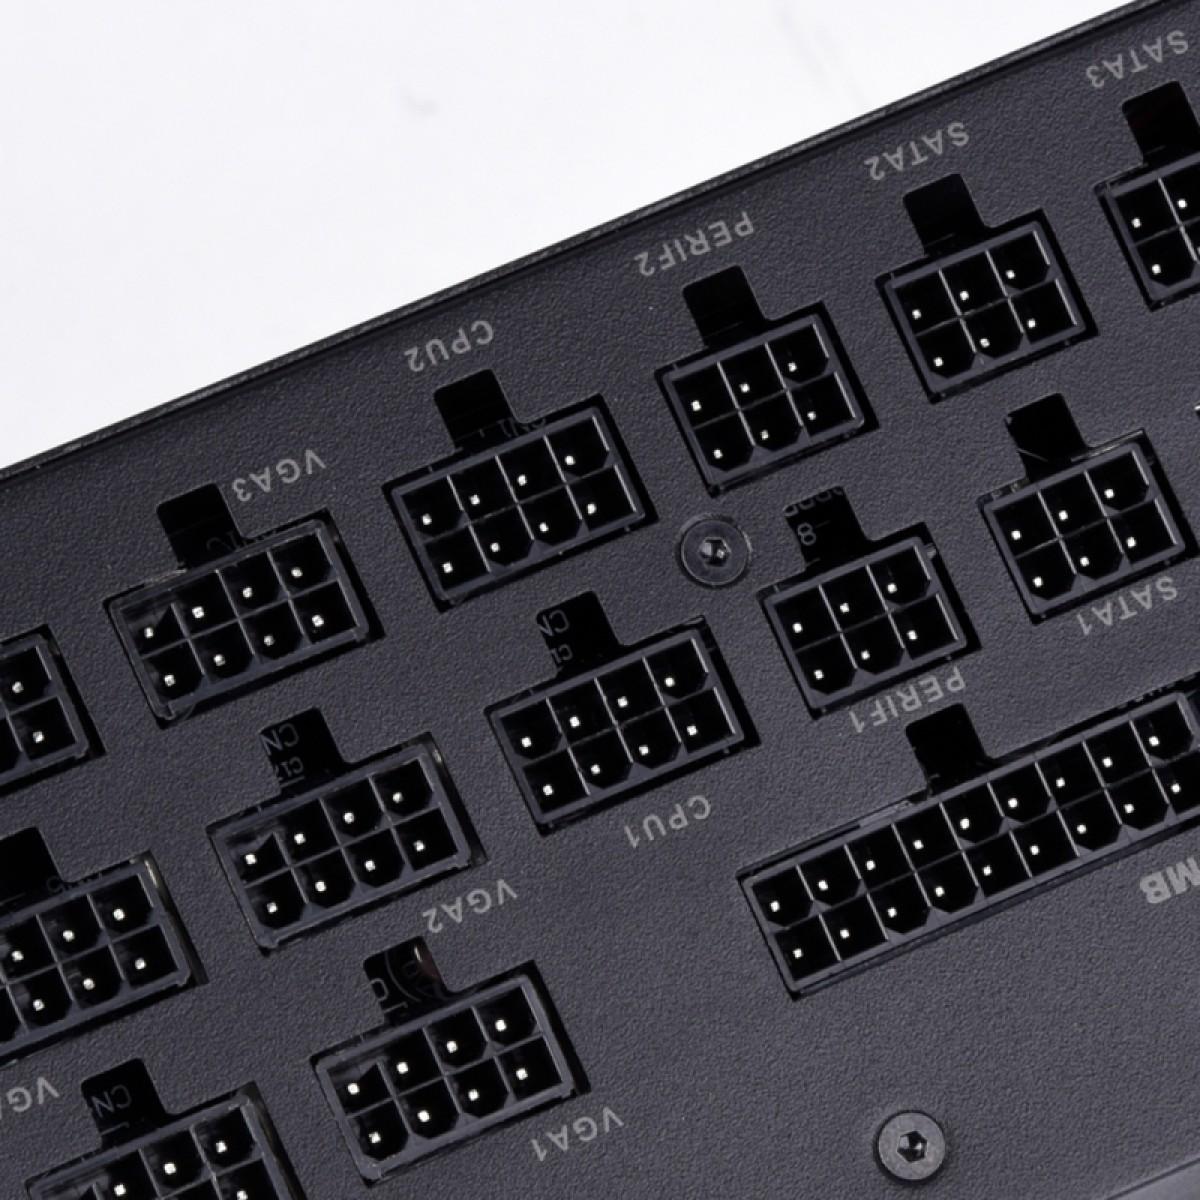 Fonte Super Flower LEADEX Platinum SE 1000W, 80 Plus Platinum, PFC Ativo, Full Modular, SF-1000F14MP